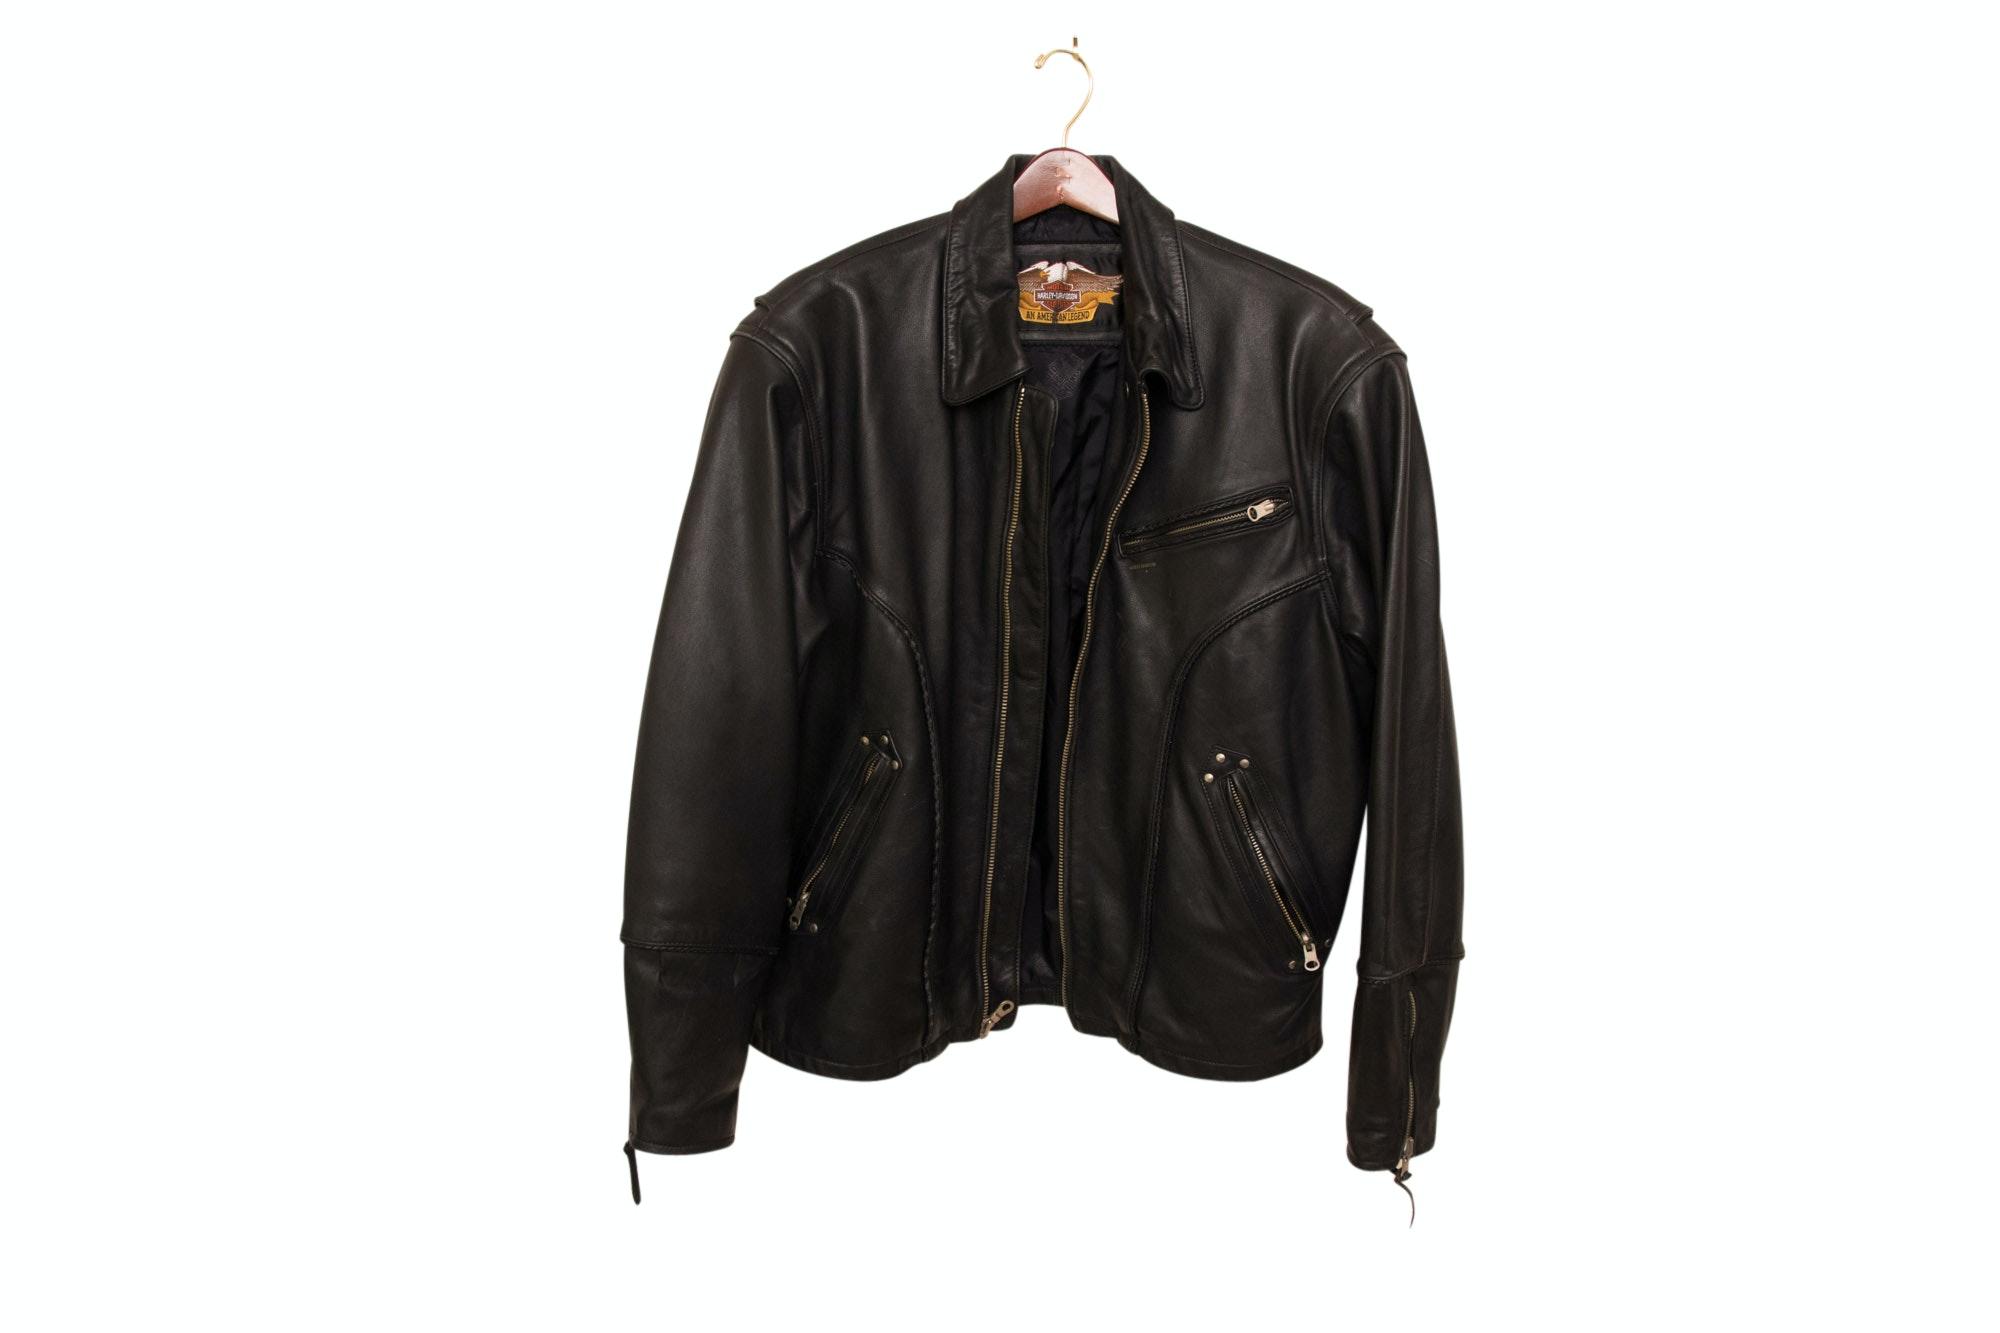 Harley-Davidson Black Leather Jacket